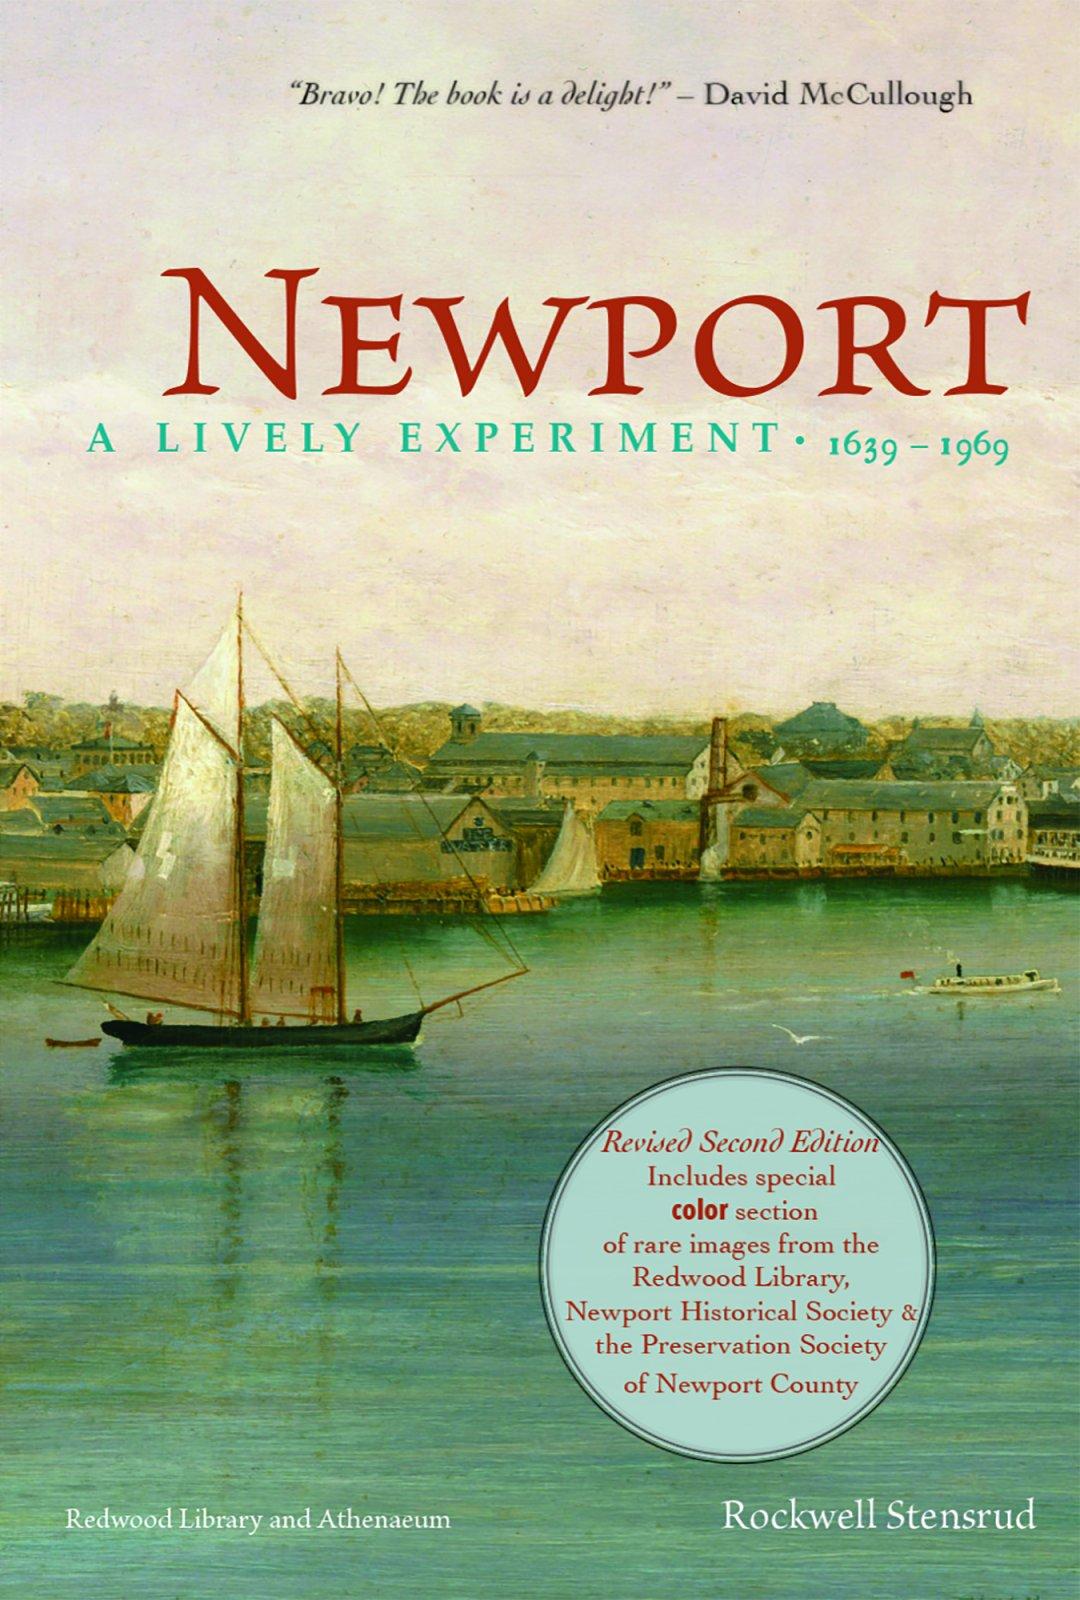 Download Newport: A Lively Experiment: 1639-1969 pdf epub